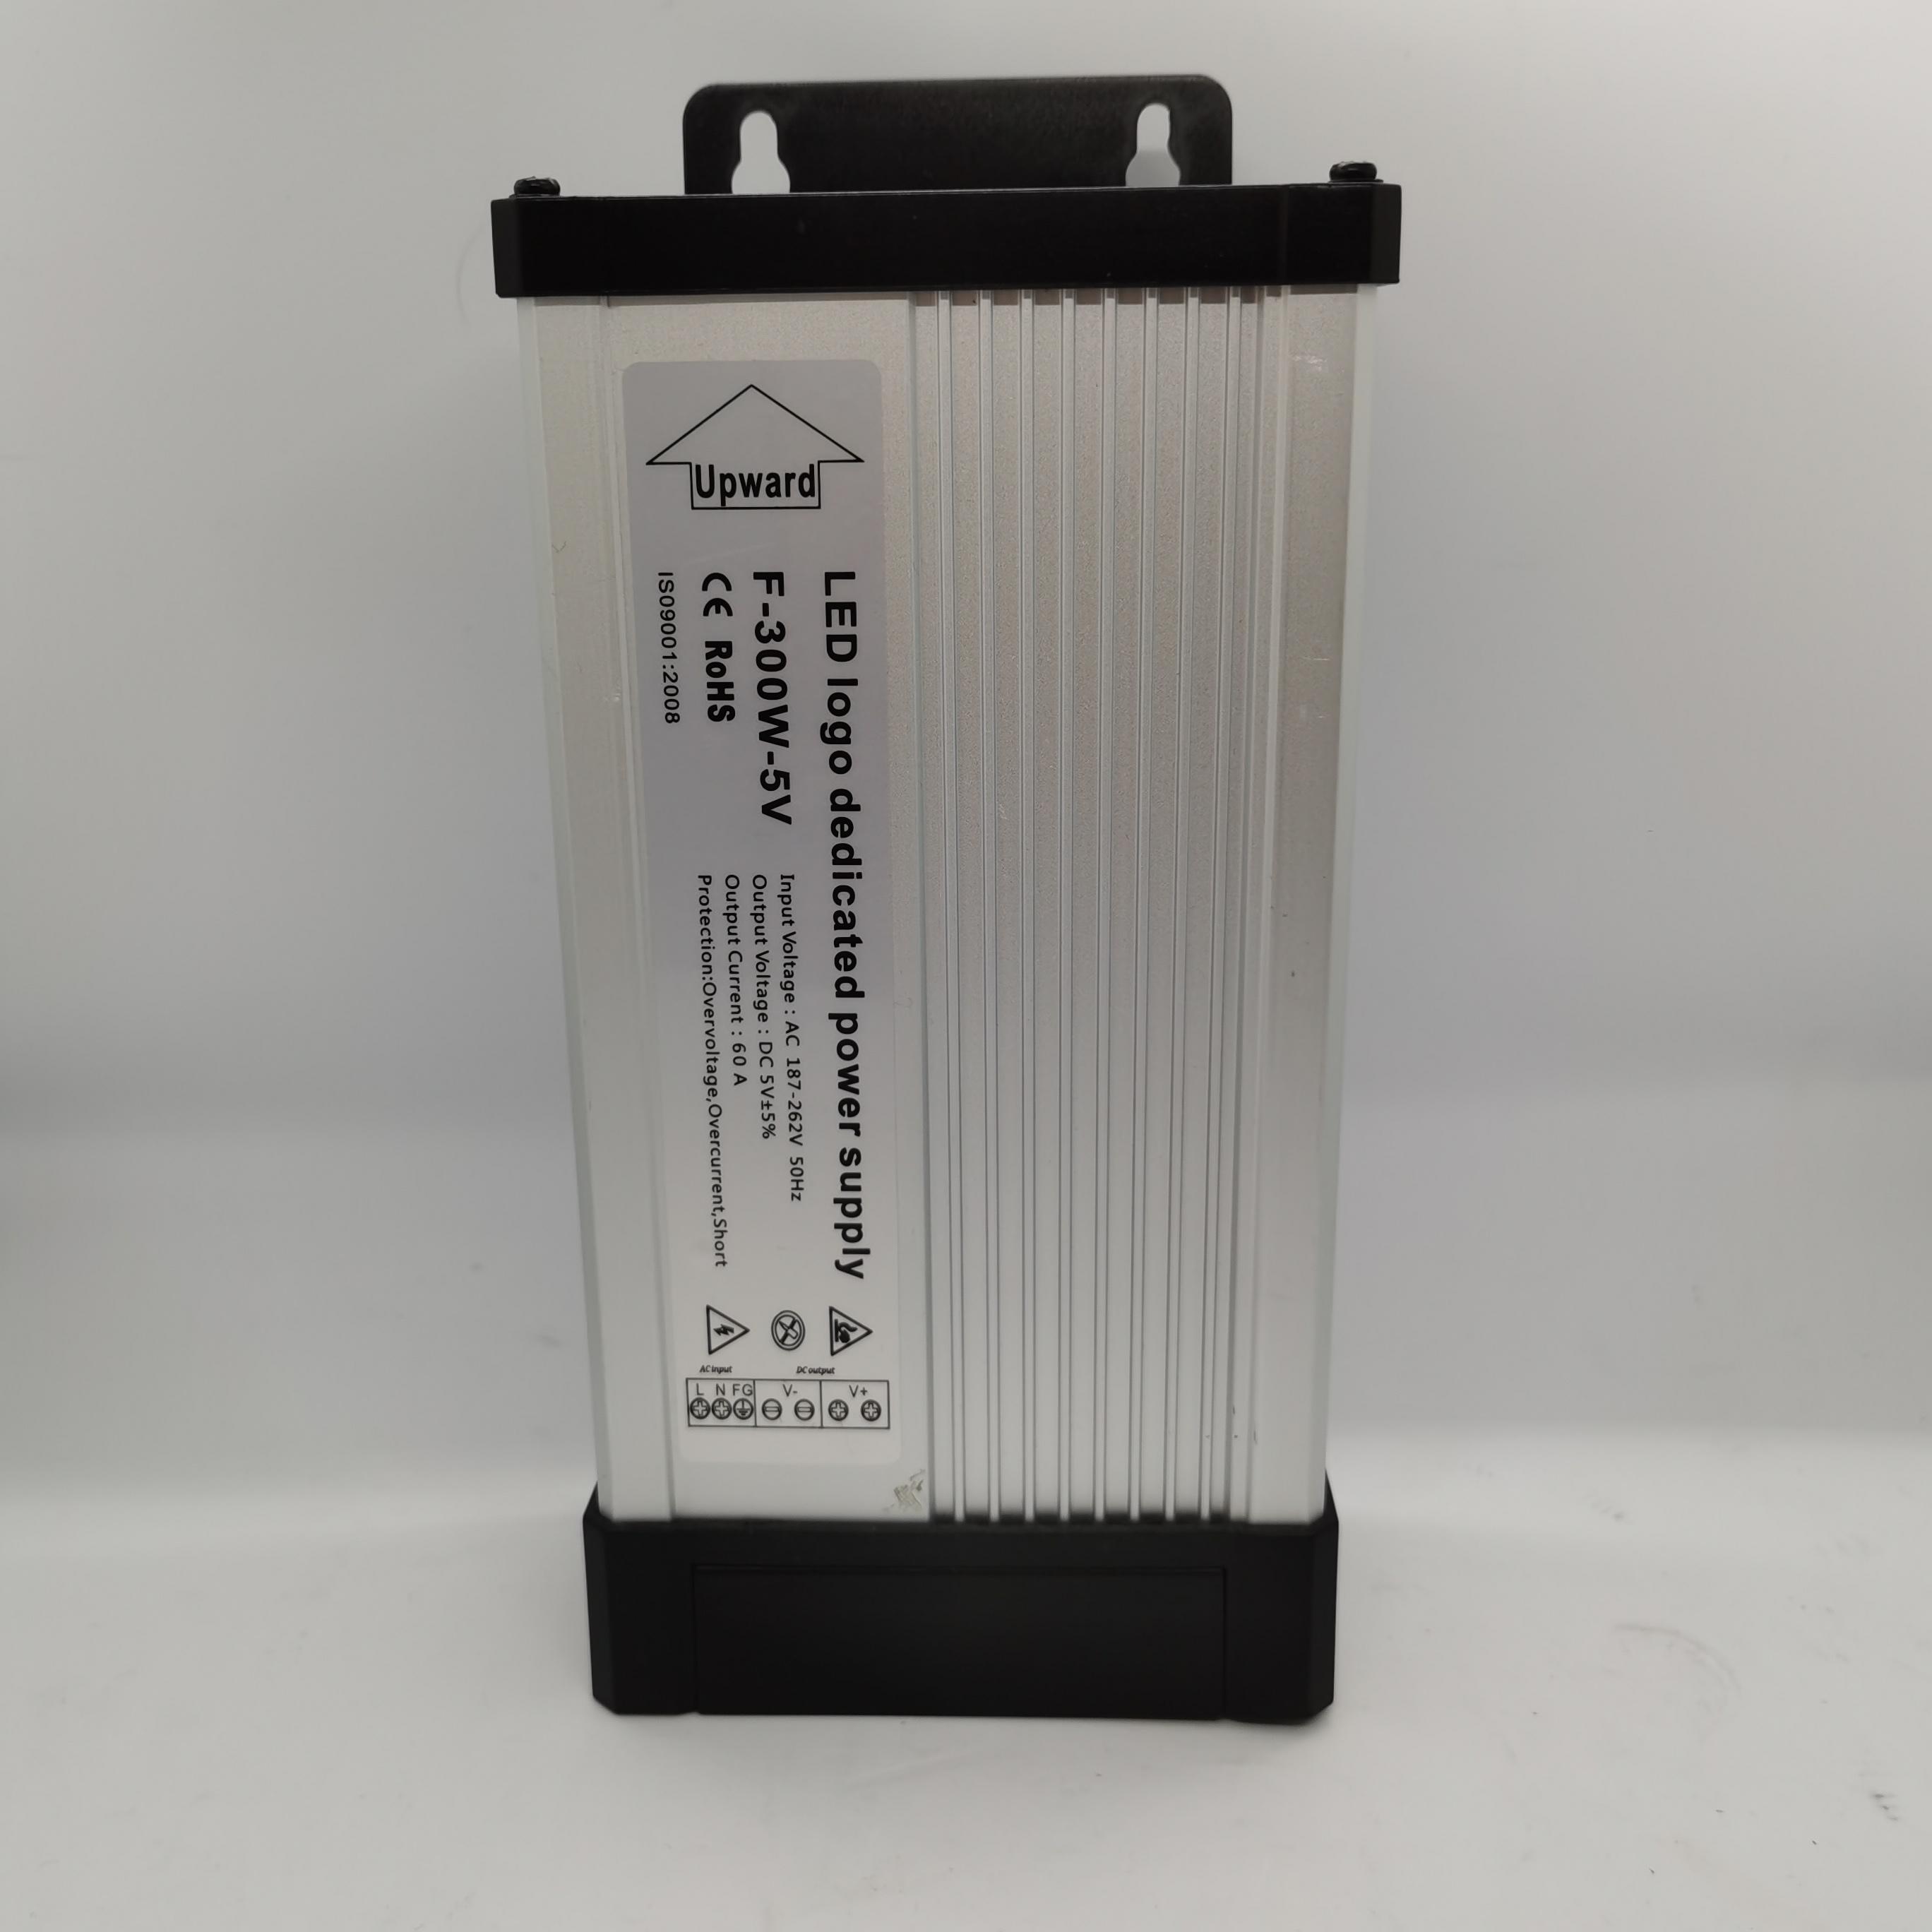 显示屏LED灯专用户外防雨 DC 5V250W 防雨LED开关电源 安防/适配器电源 IP65